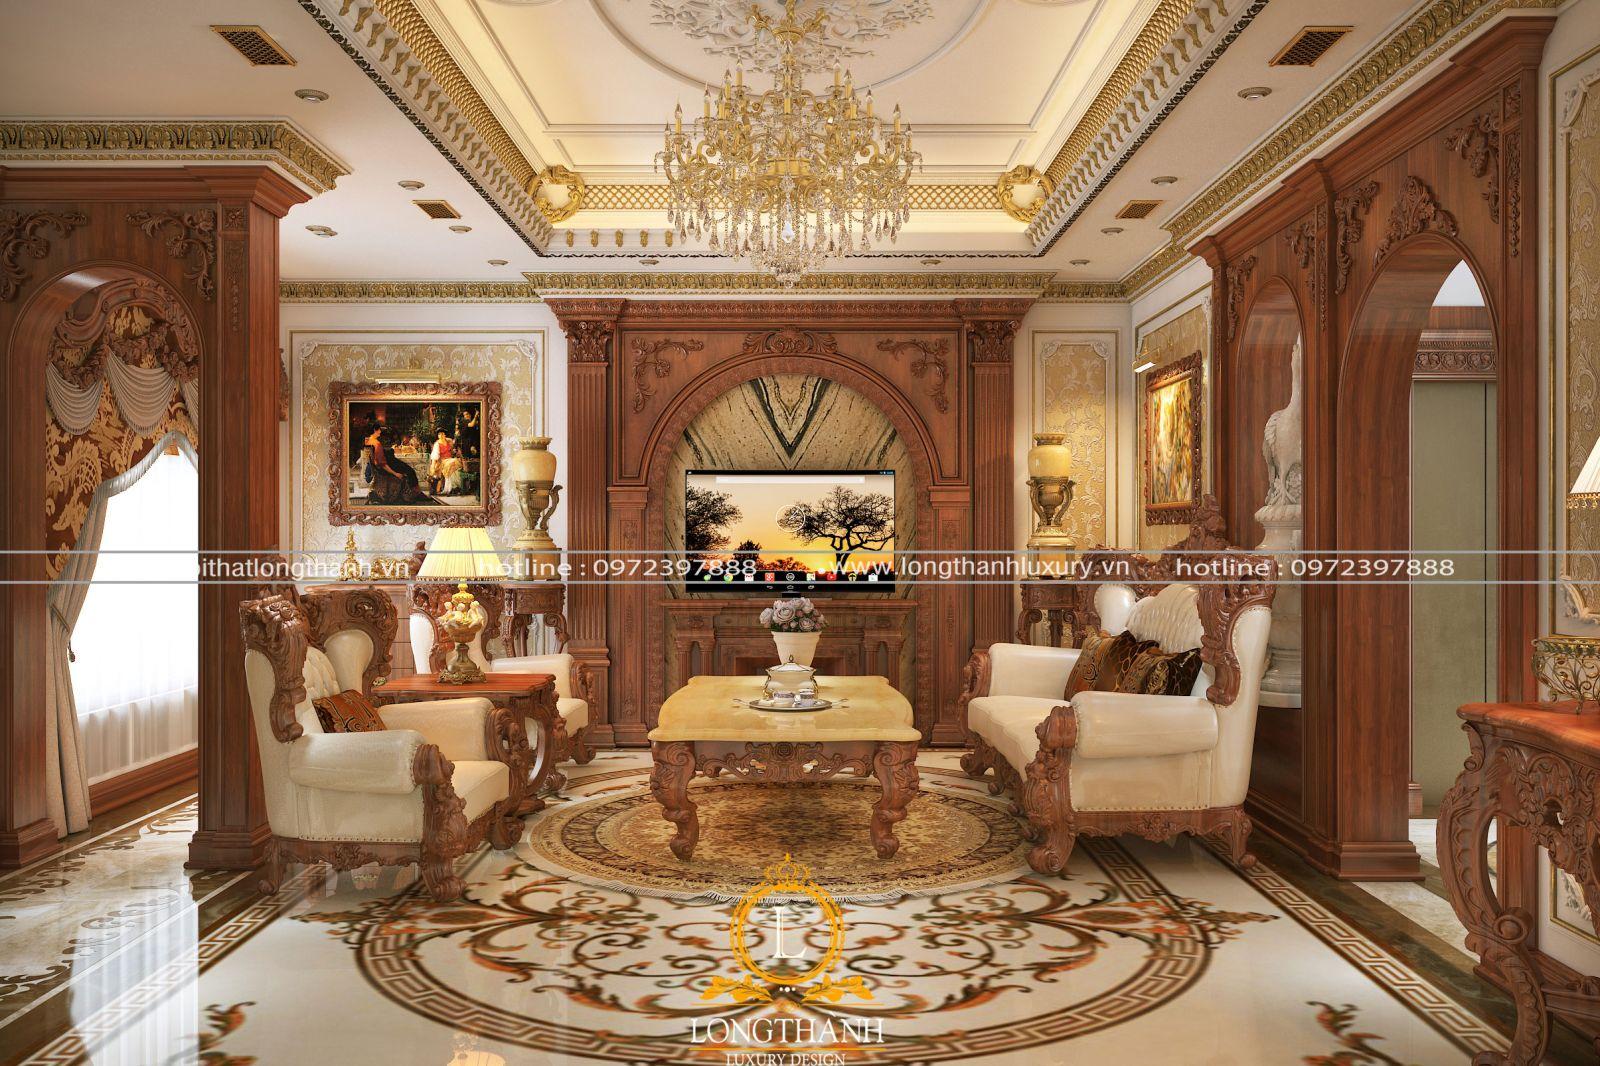 Các diện tường phòng khách tân cổ điển thường sử dụng giấy dán tường cao cấp